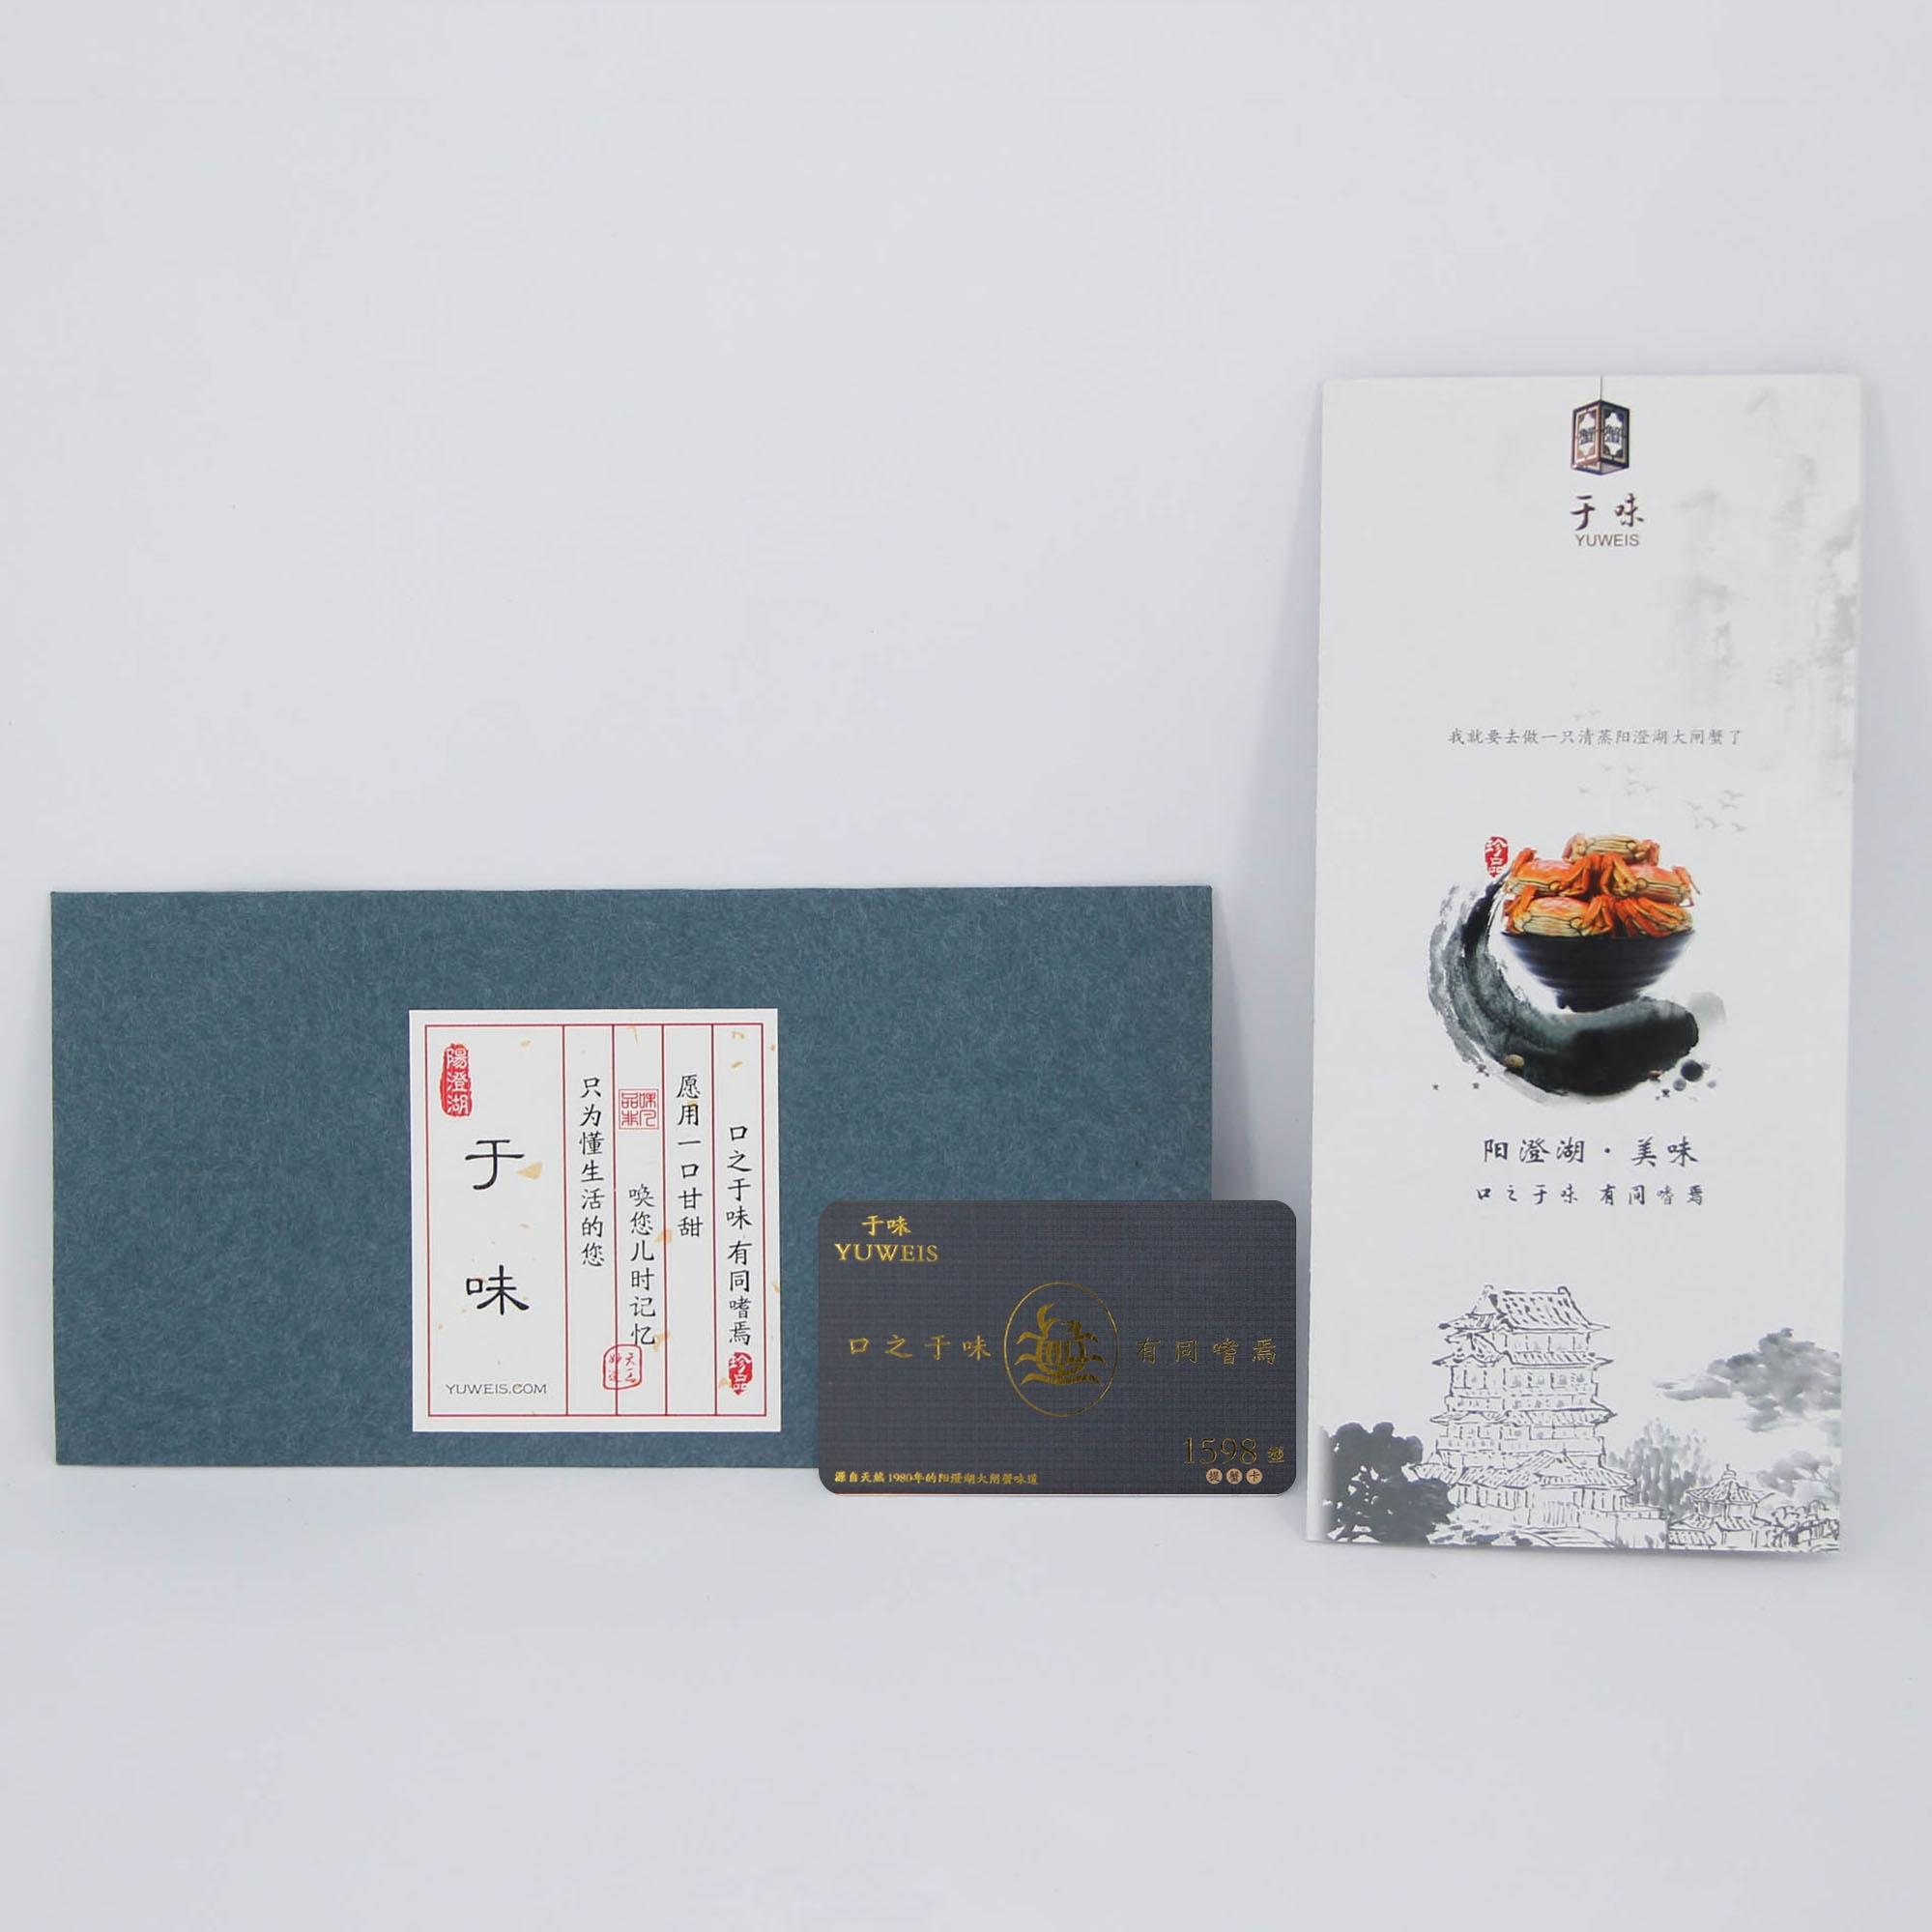 阳澄湖大闸蟹 1598型(4.1-4.4公*5只,3.1-3.3母*5只)提货卡 精品系列豪华礼盒装